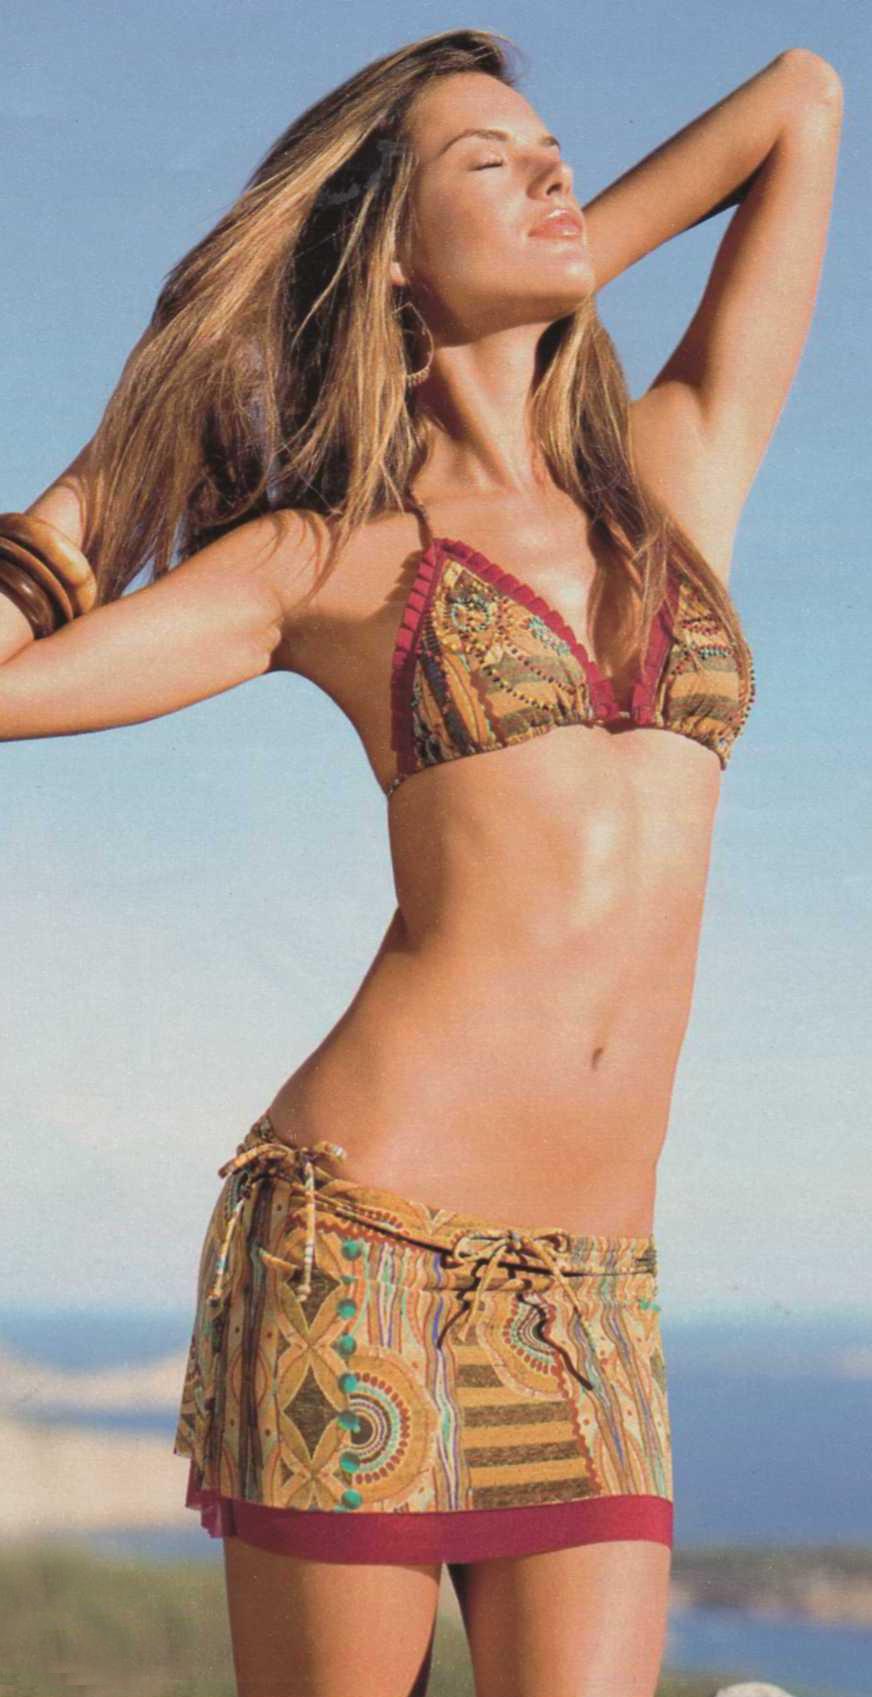 becki newton bikini photos